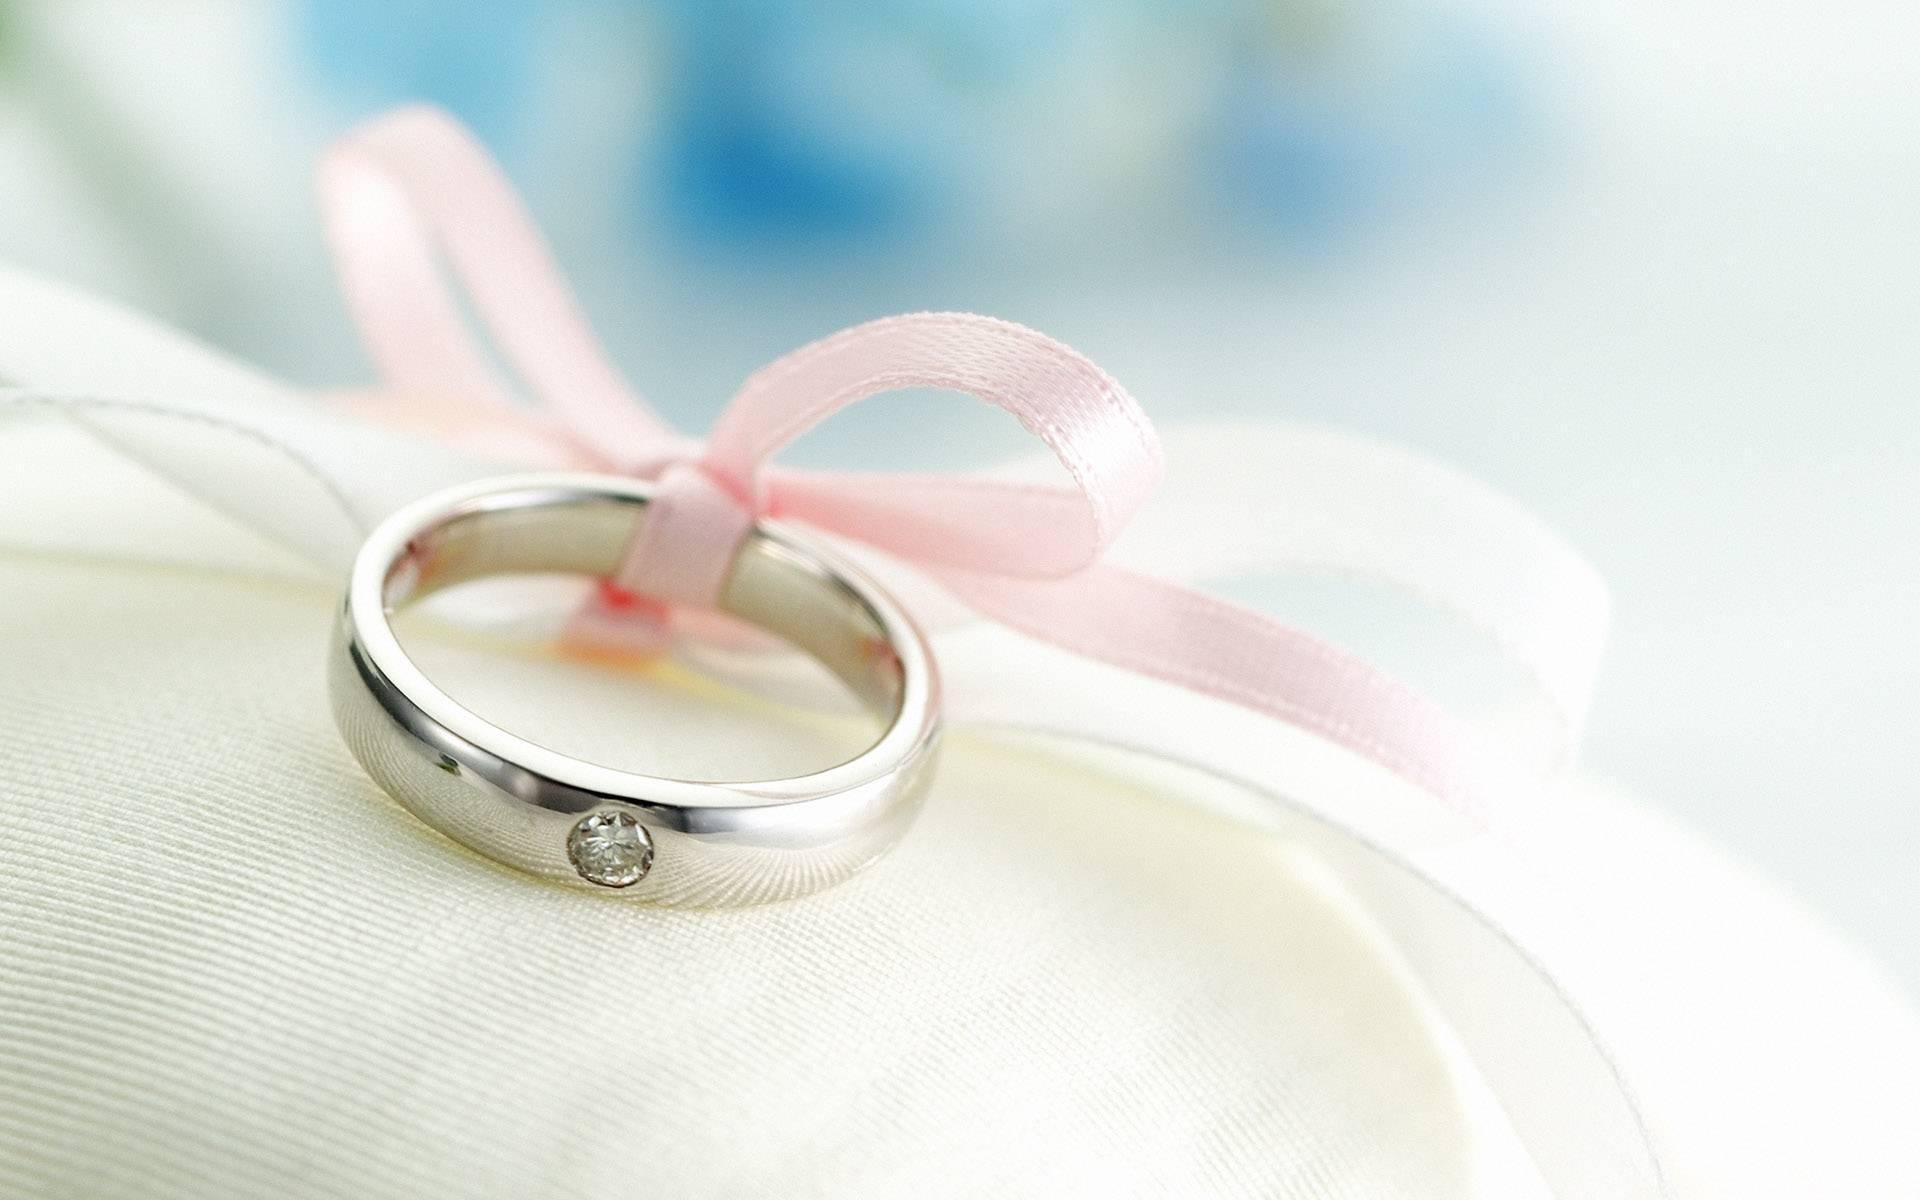 Cute Wedding Background